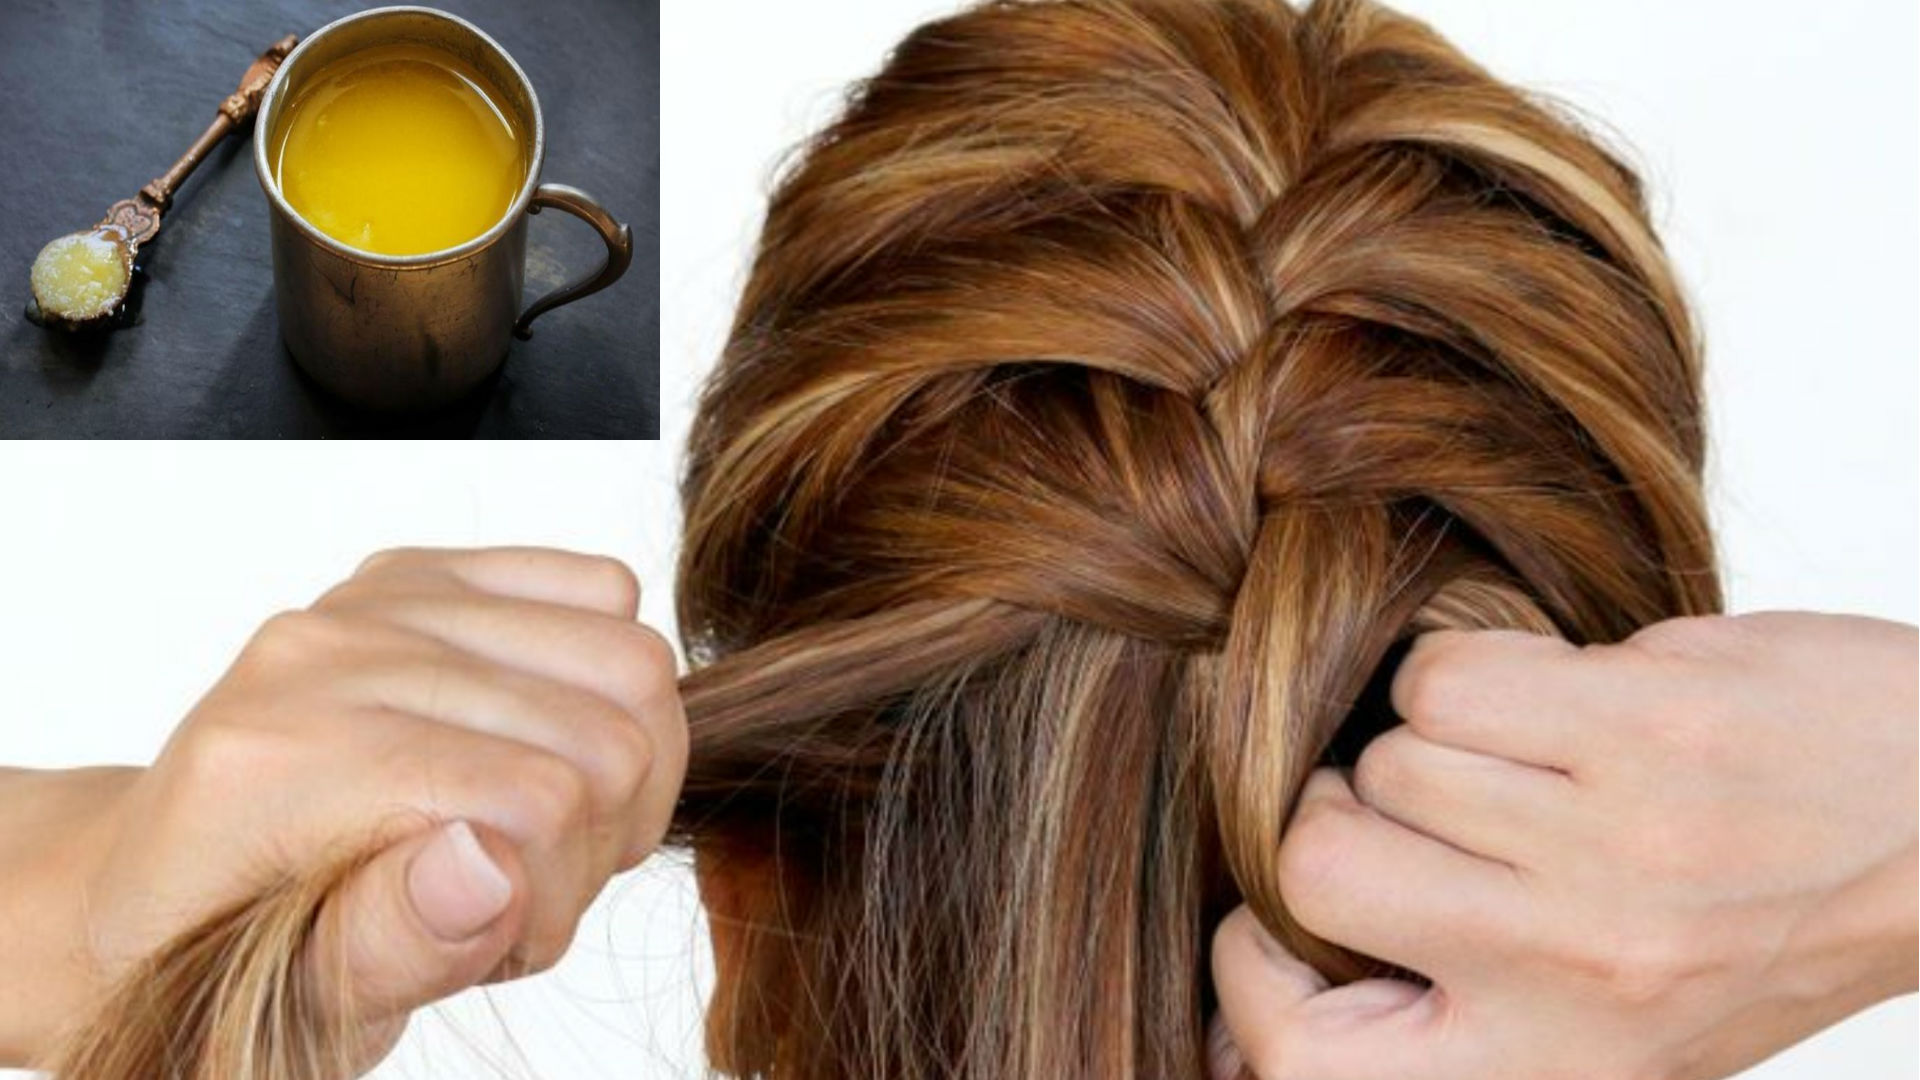 Hair Care Tips: खाने में स्वाद बढ़ाने के लिए ही नहीं बालों के लिए भी फायदेमंद है देसी घी, ऐसे करें इस्तेमाल